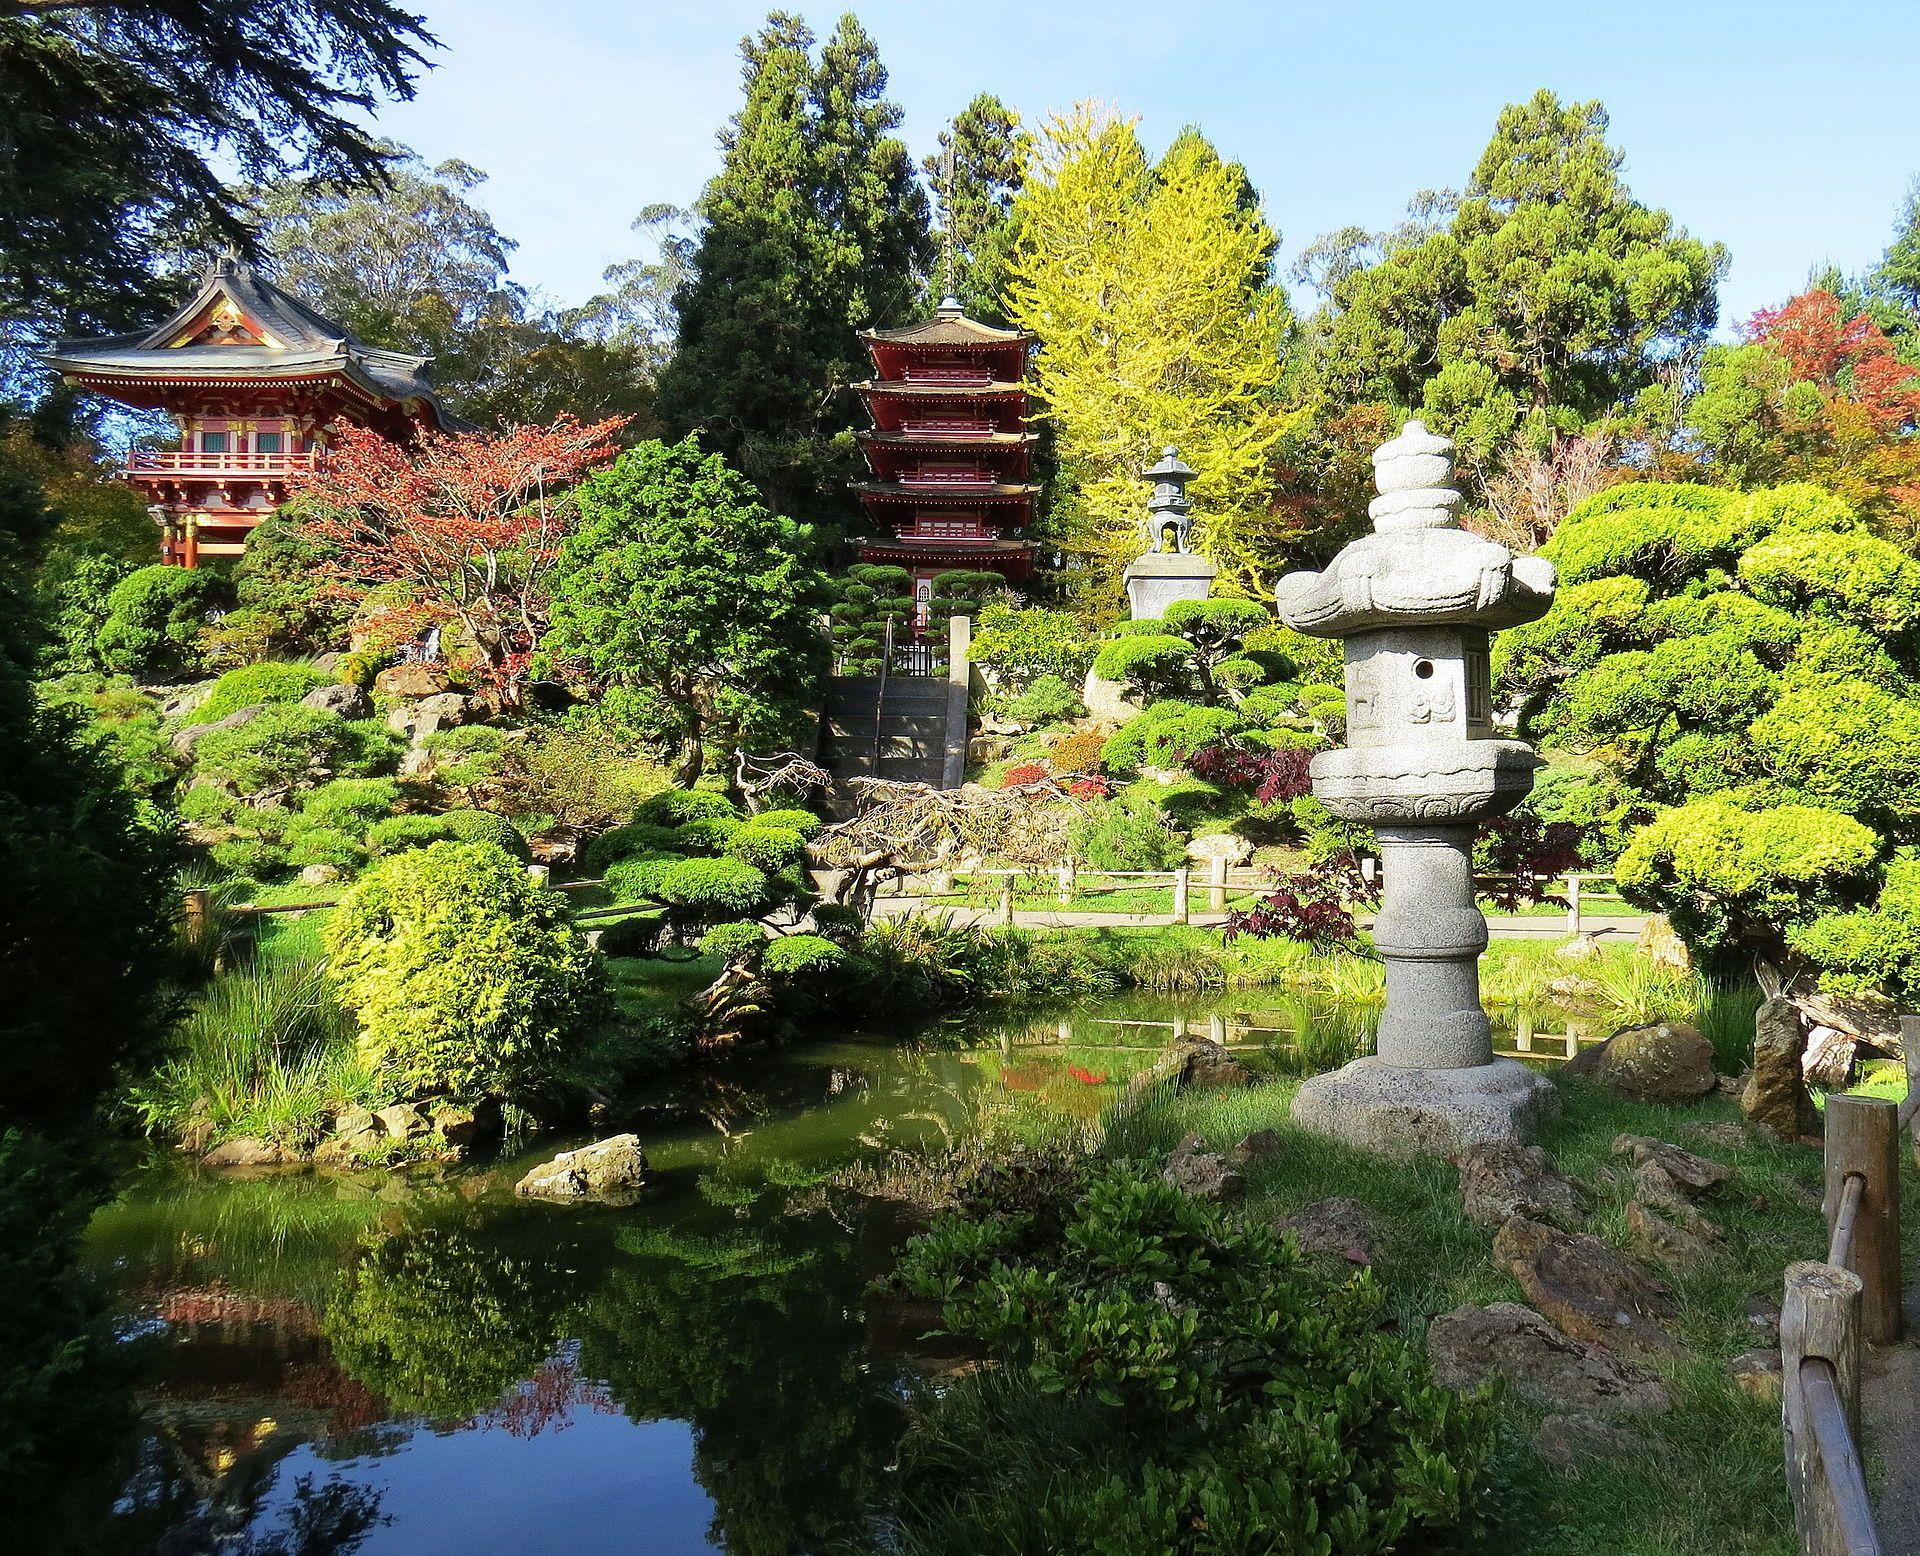 Japanese Tea Garden (San Francisco)  Wikipedia - San Francisco